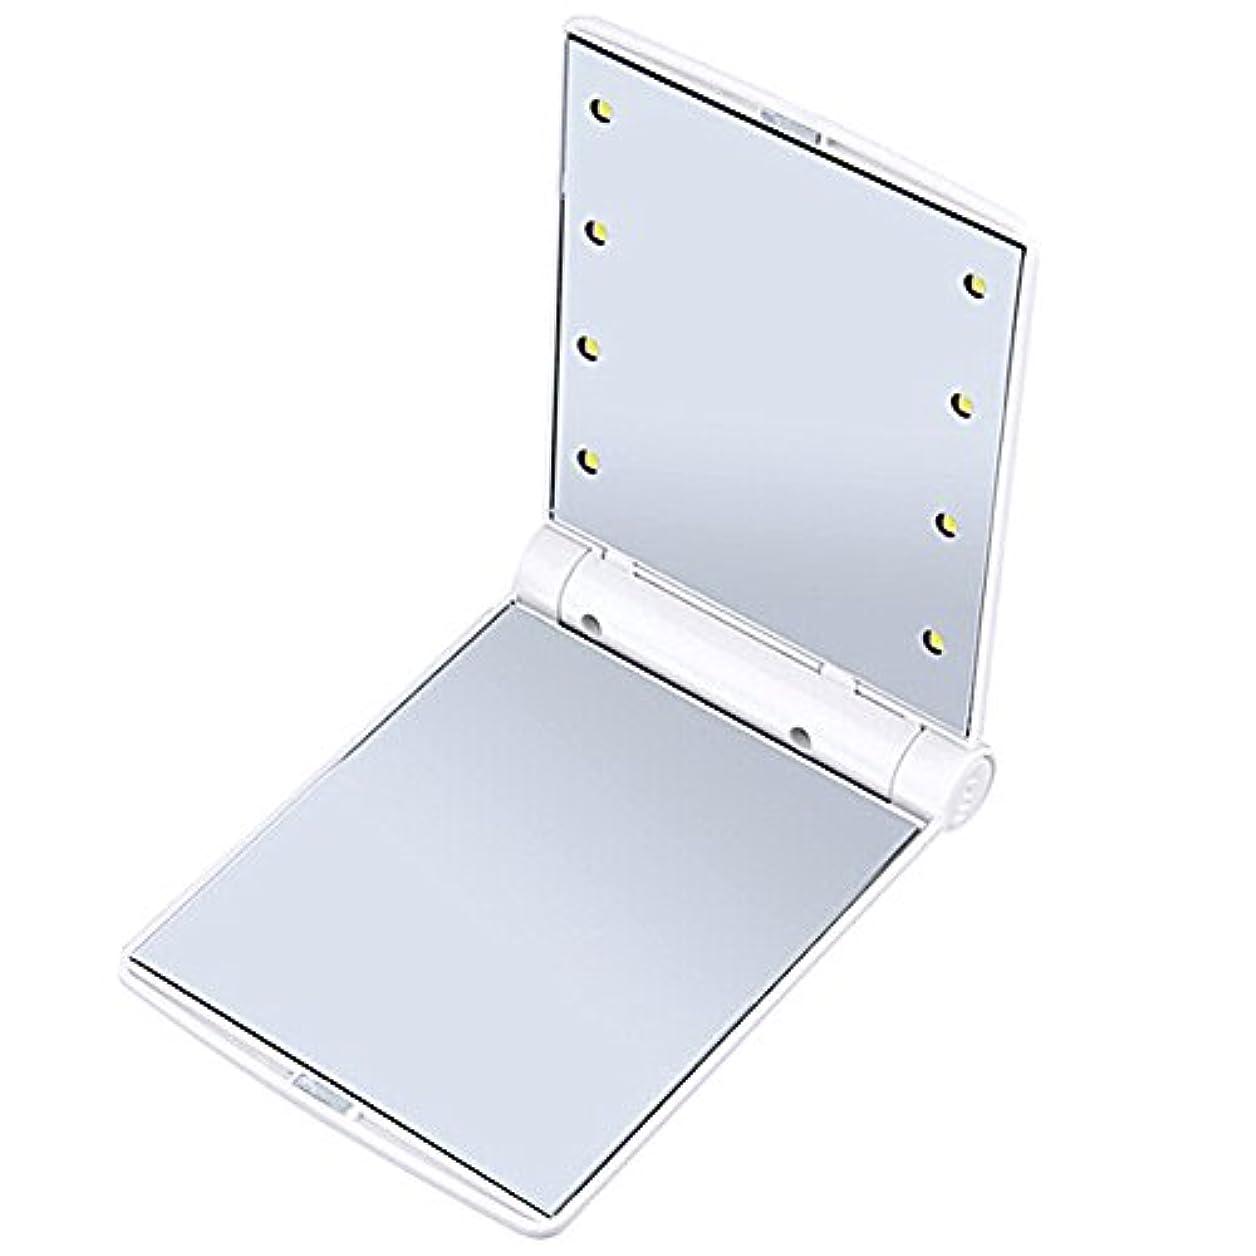 ハンマーイーウェル換気するB-PING 鏡 化粧鏡 女優ミラー 調光型二面鏡 拡大鏡付き 330度調節可能 コンパクトミラー スタンドミラー 折りたたみ式 二面鏡 LED ライト8個 無印タイプ 5色のオプション (ホワイト)